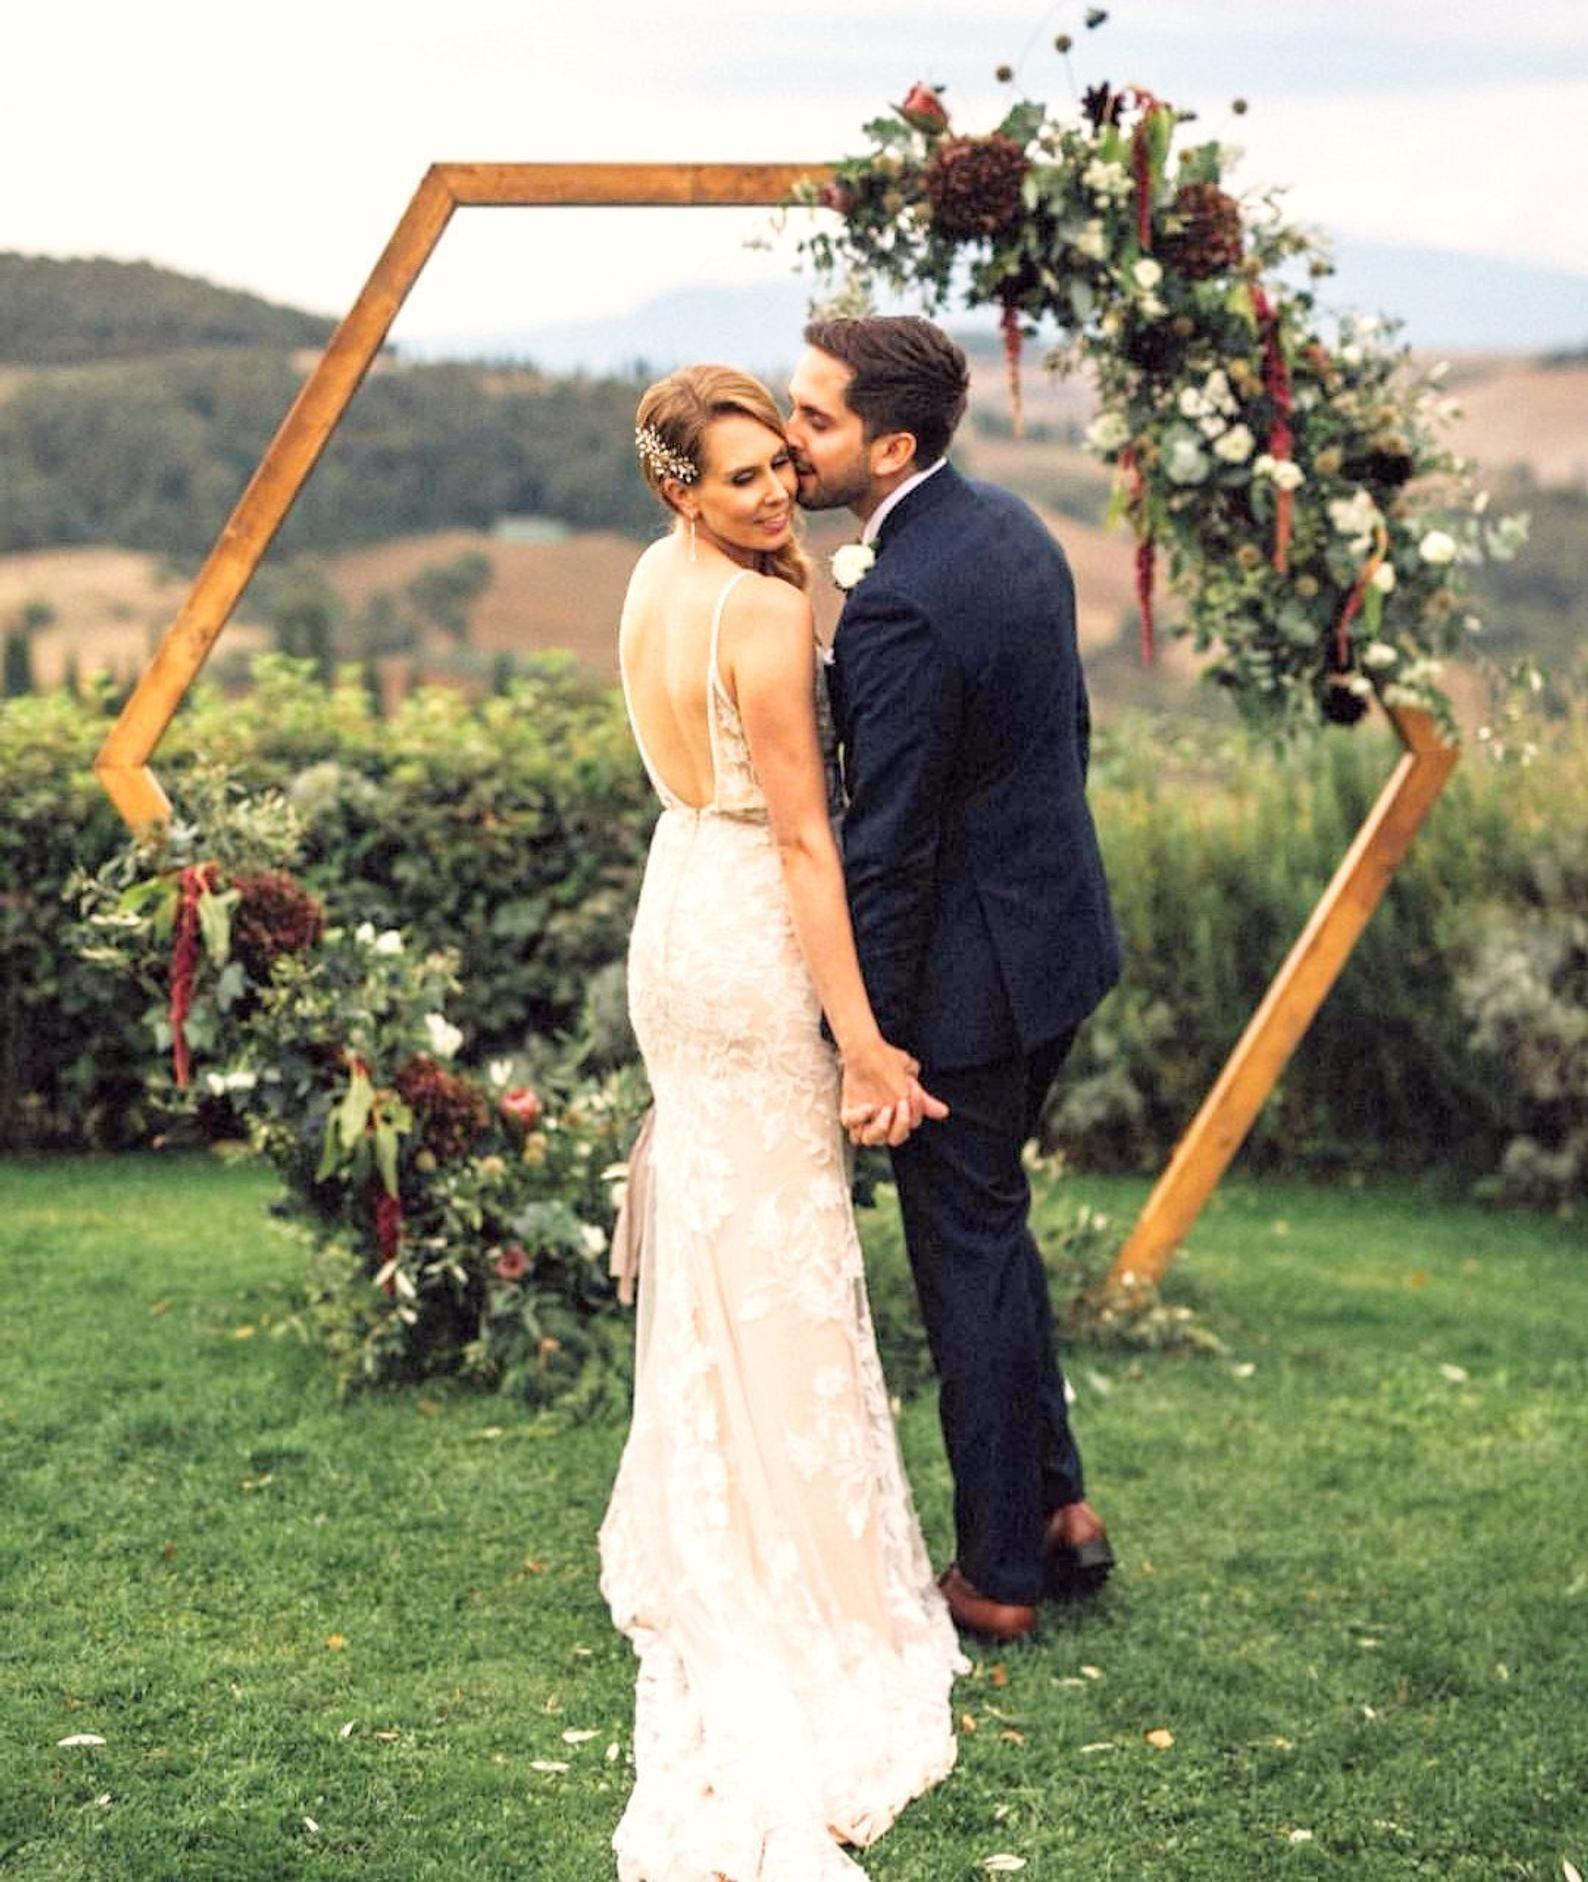 Hexagon wedding arch wooden rustic wedding arbor ceremony